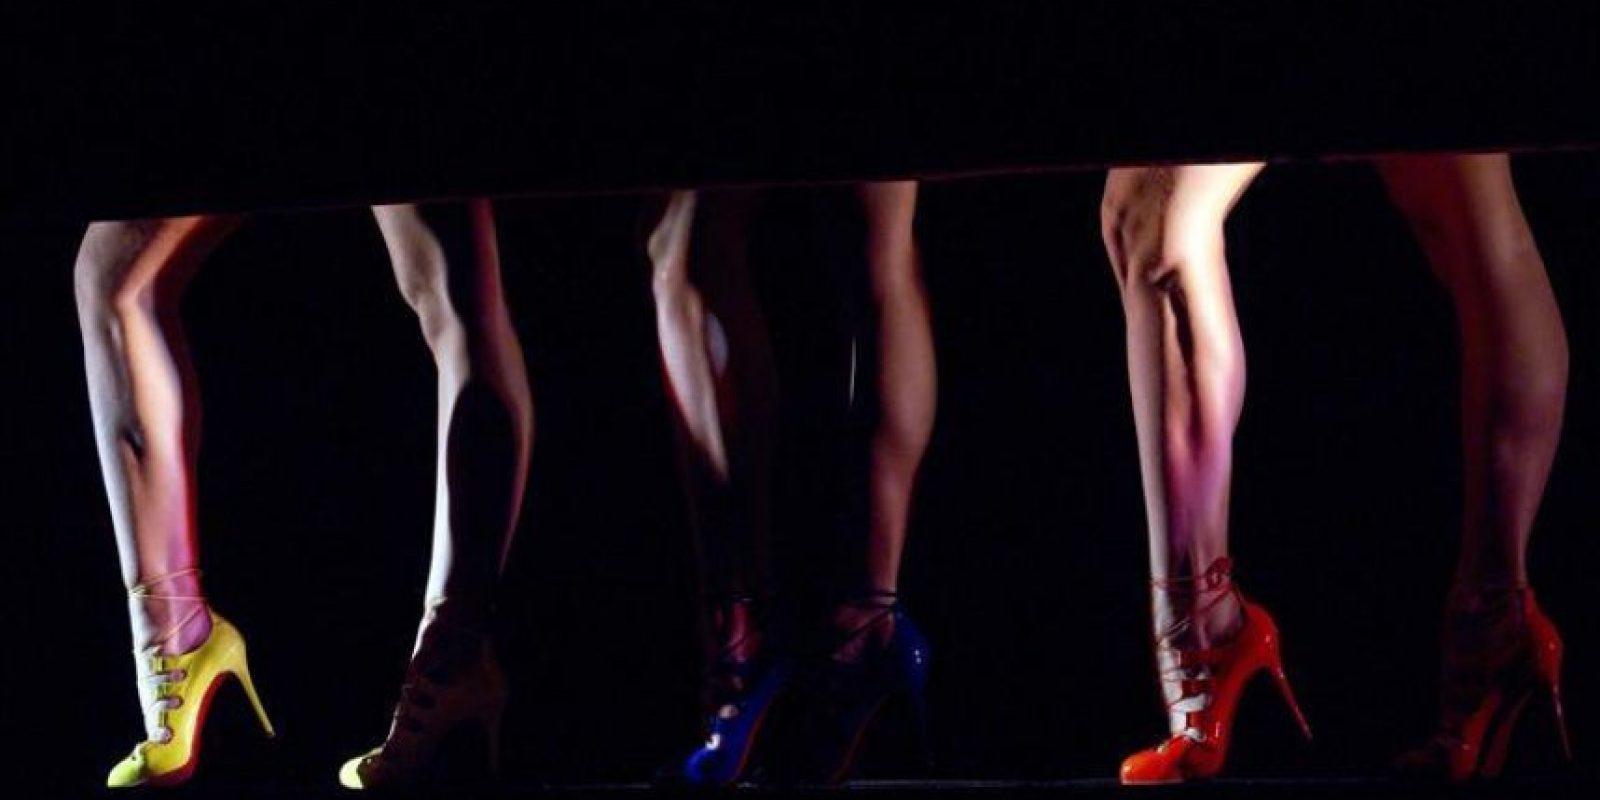 """Varias bailarinas actúan durante el pase para la prensa del cabaré del """"Crazy Horse"""" 'FEU' (Fuego), del diseñador francés Christian Louboutin, en París, Francia. EFE"""